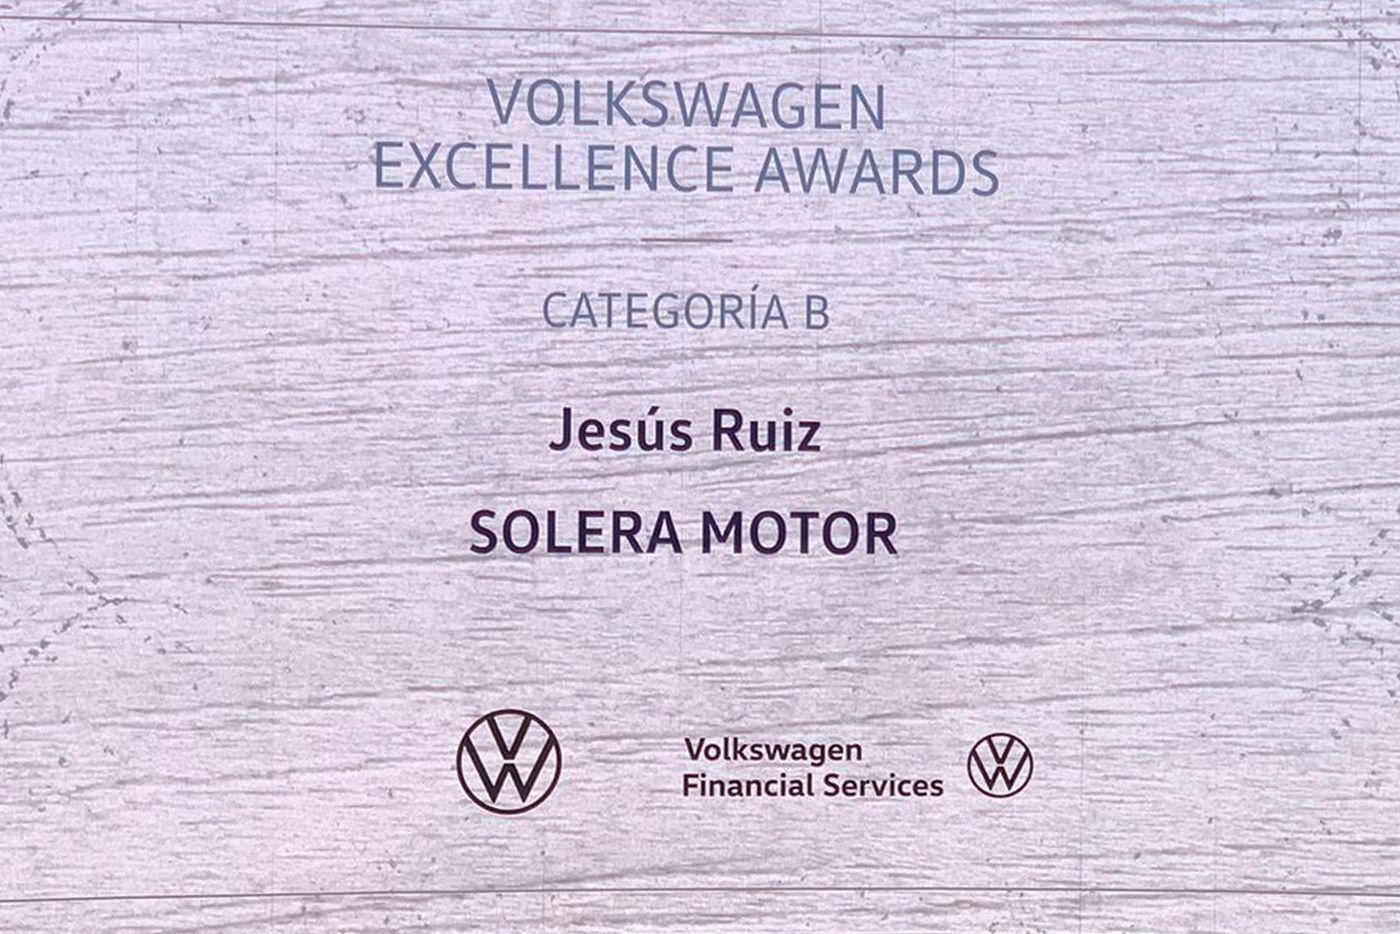 Solera Motor Volkswagen turismos vuelve a ser galardonado Volkswagen Excellence Awards